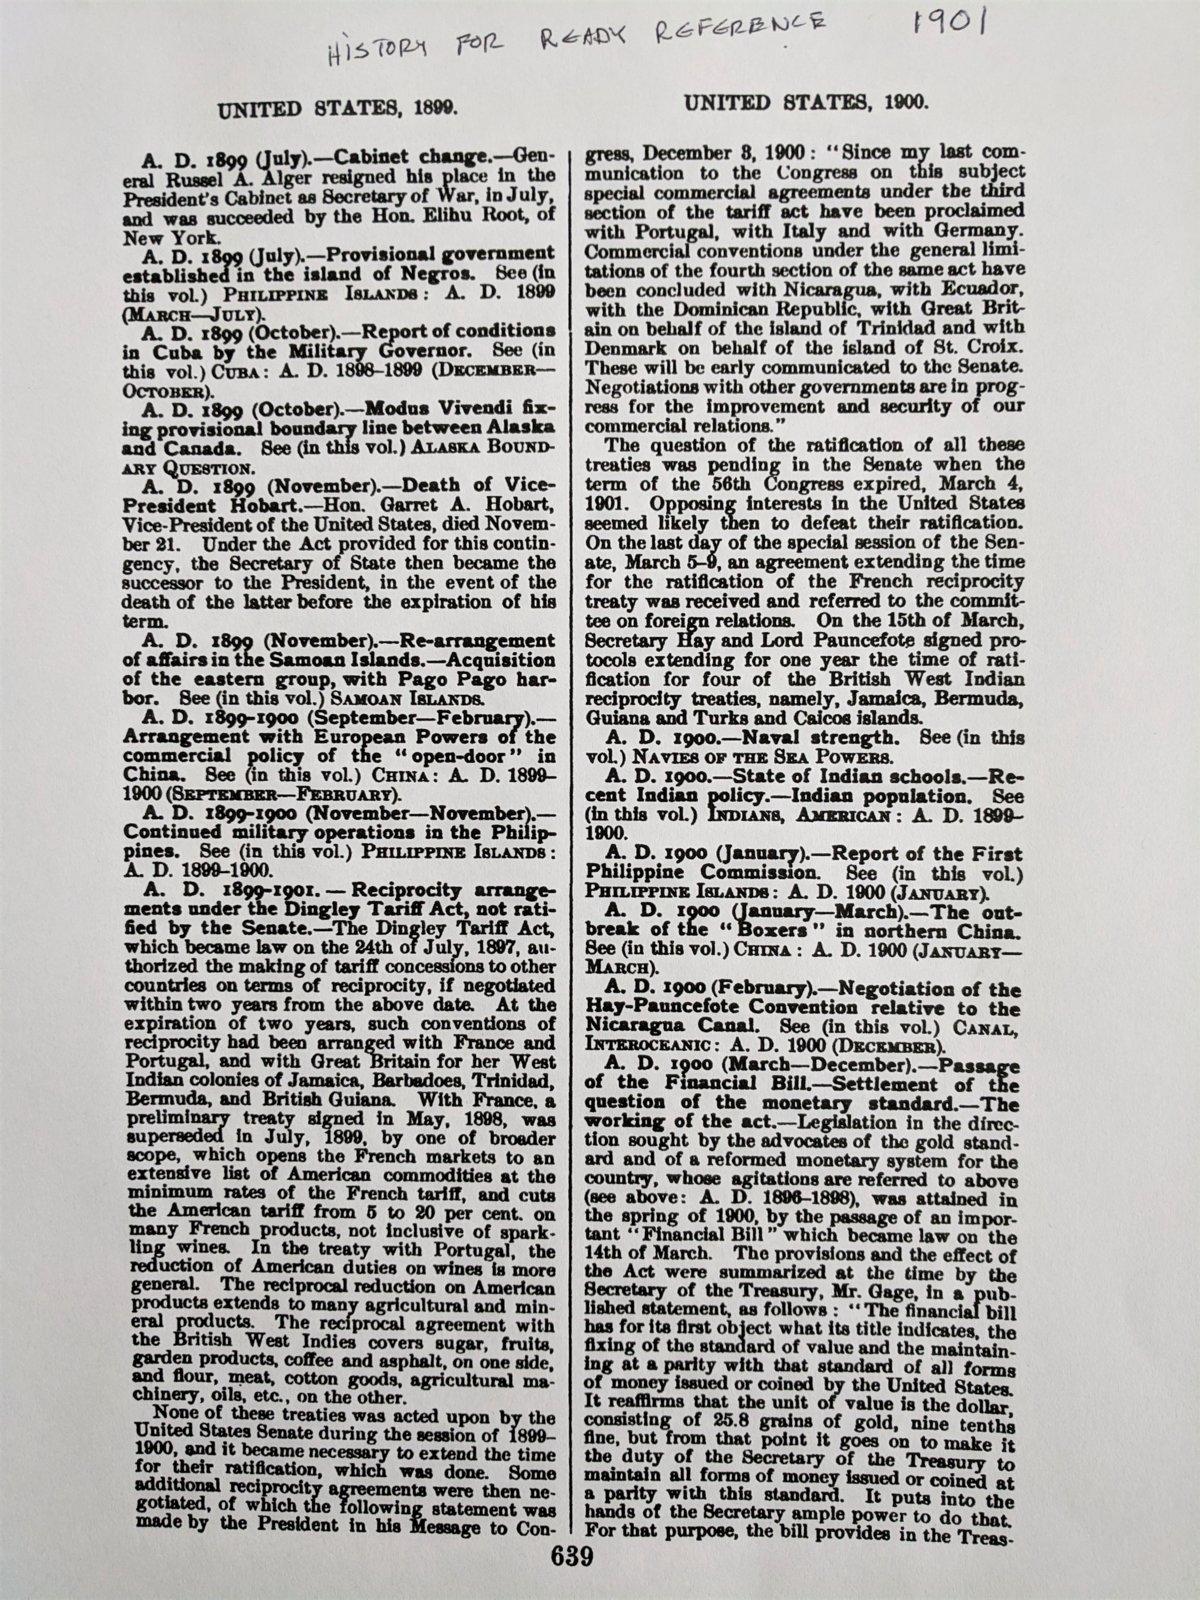 Trade treaty wFrance 1900  3.jpg